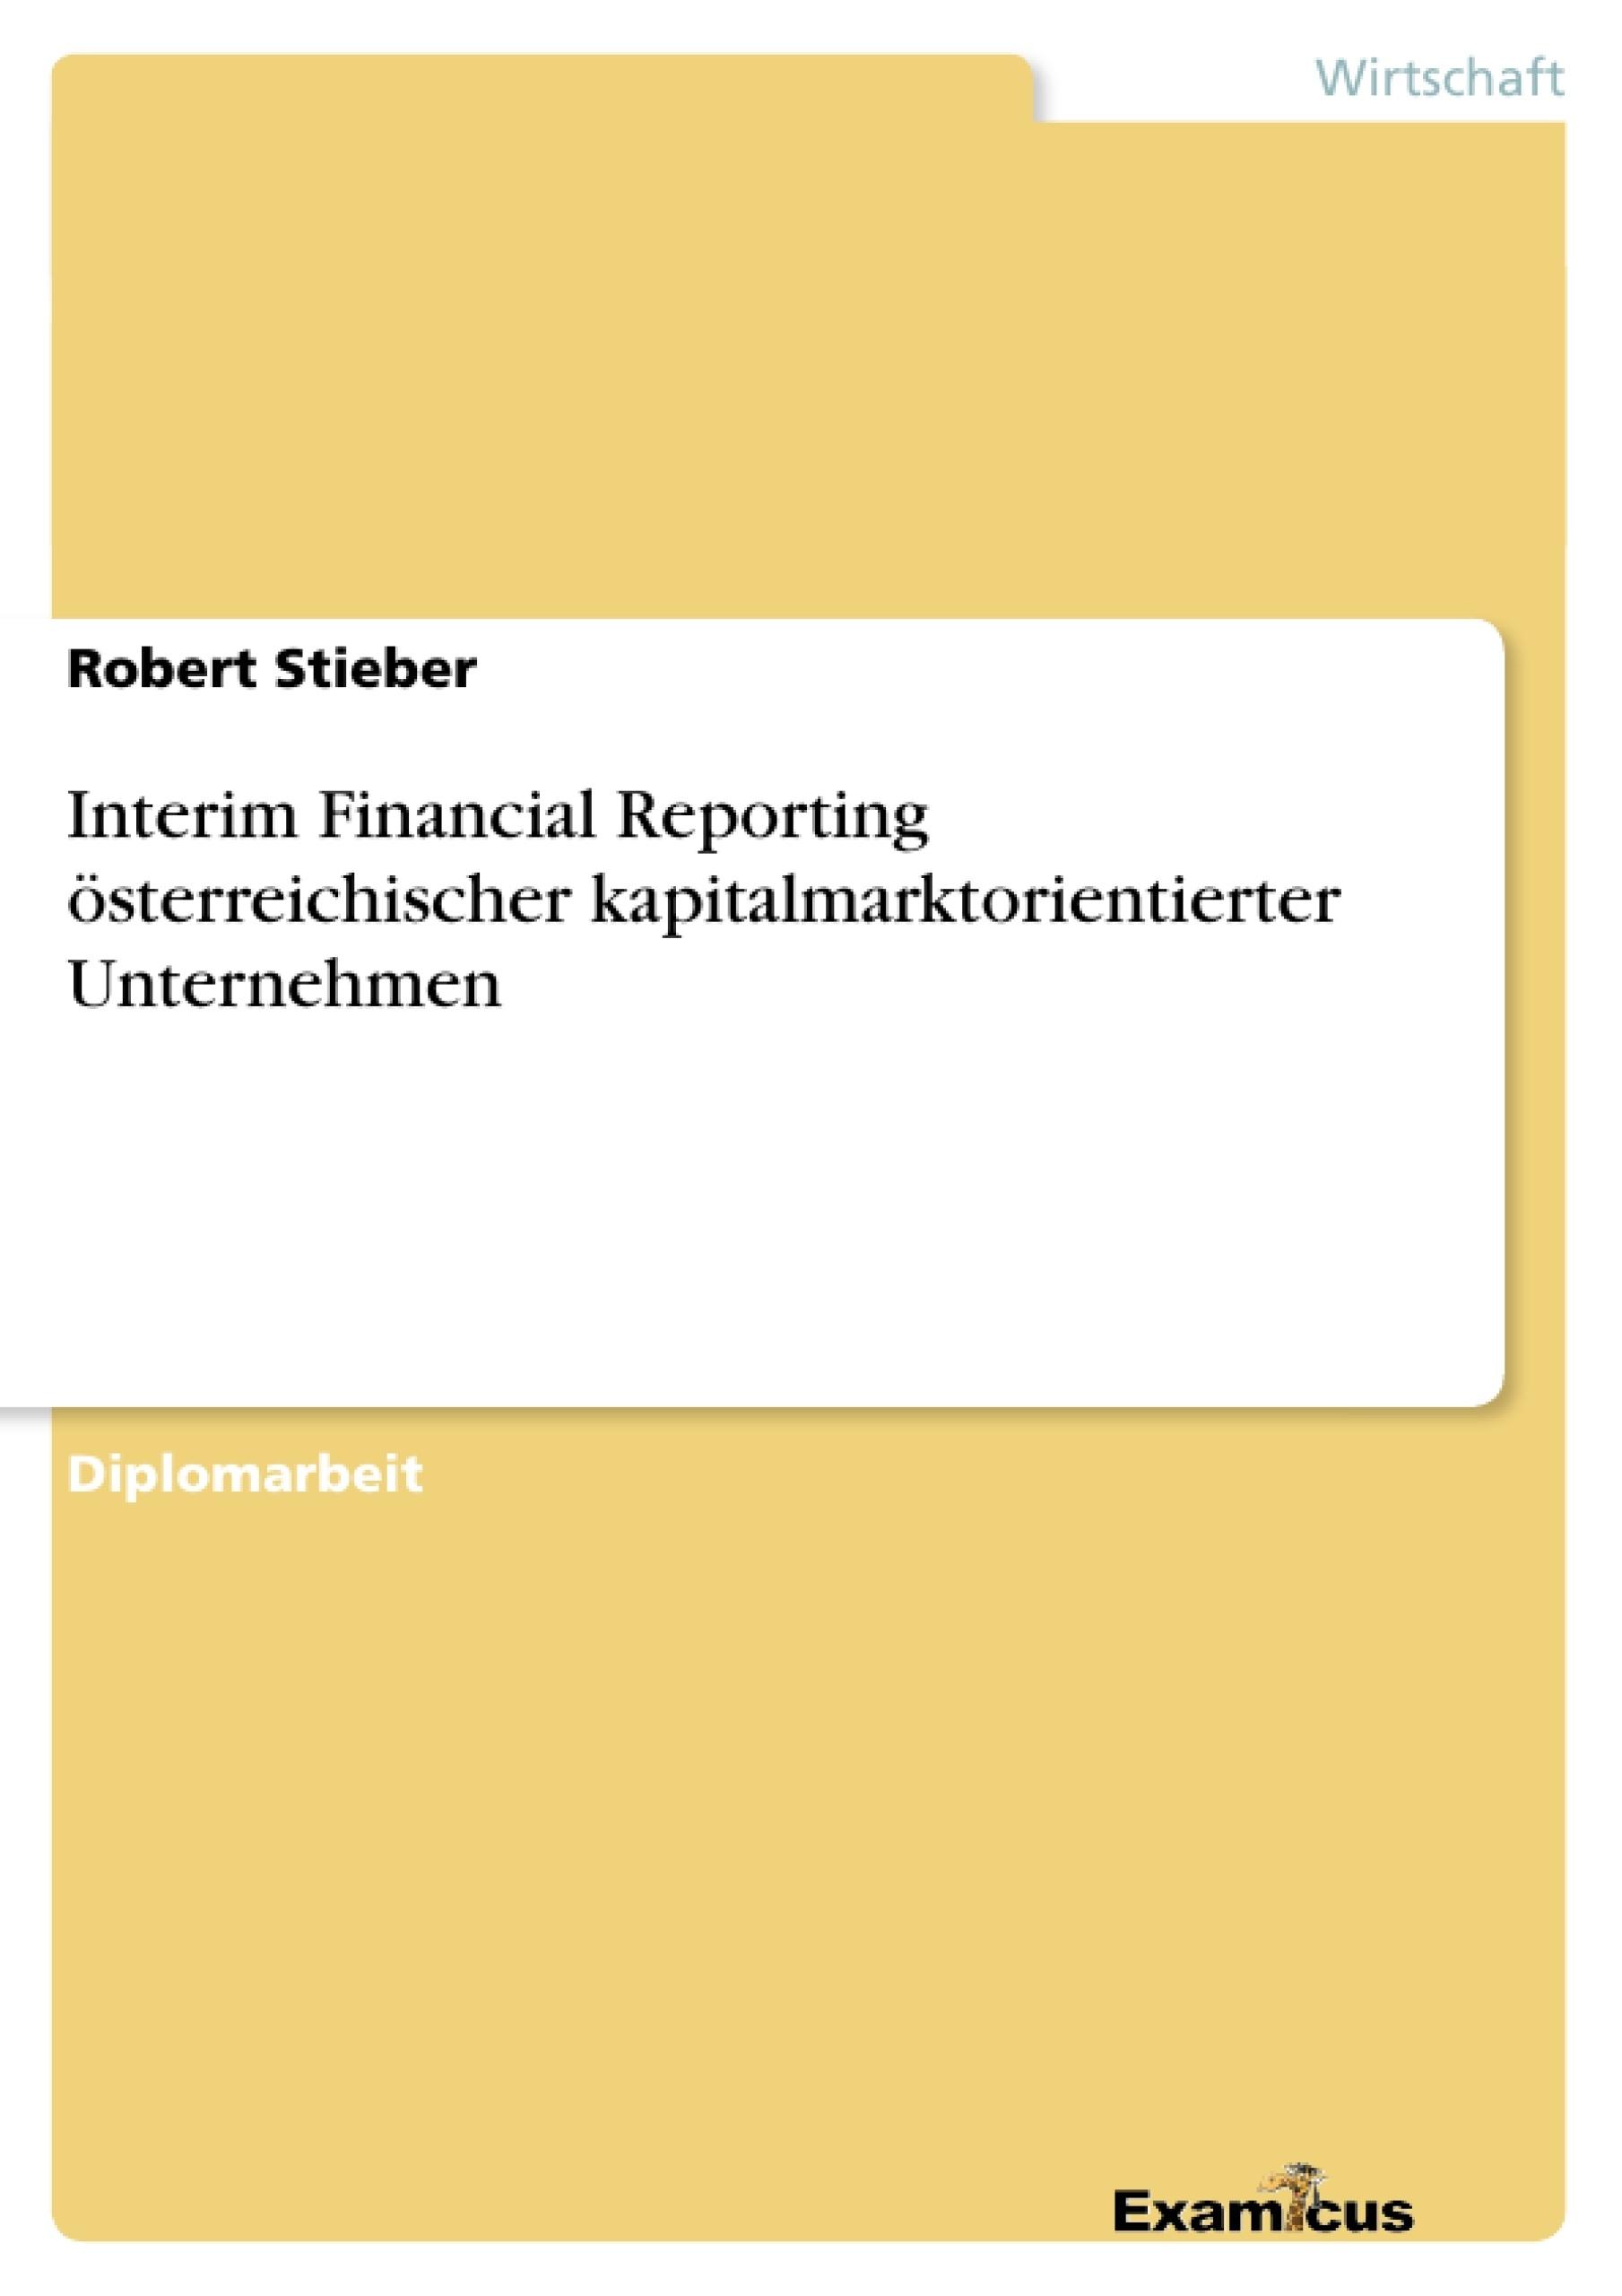 Titel: Interim Financial Reporting österreichischer kapitalmarktorientierter Unternehmen